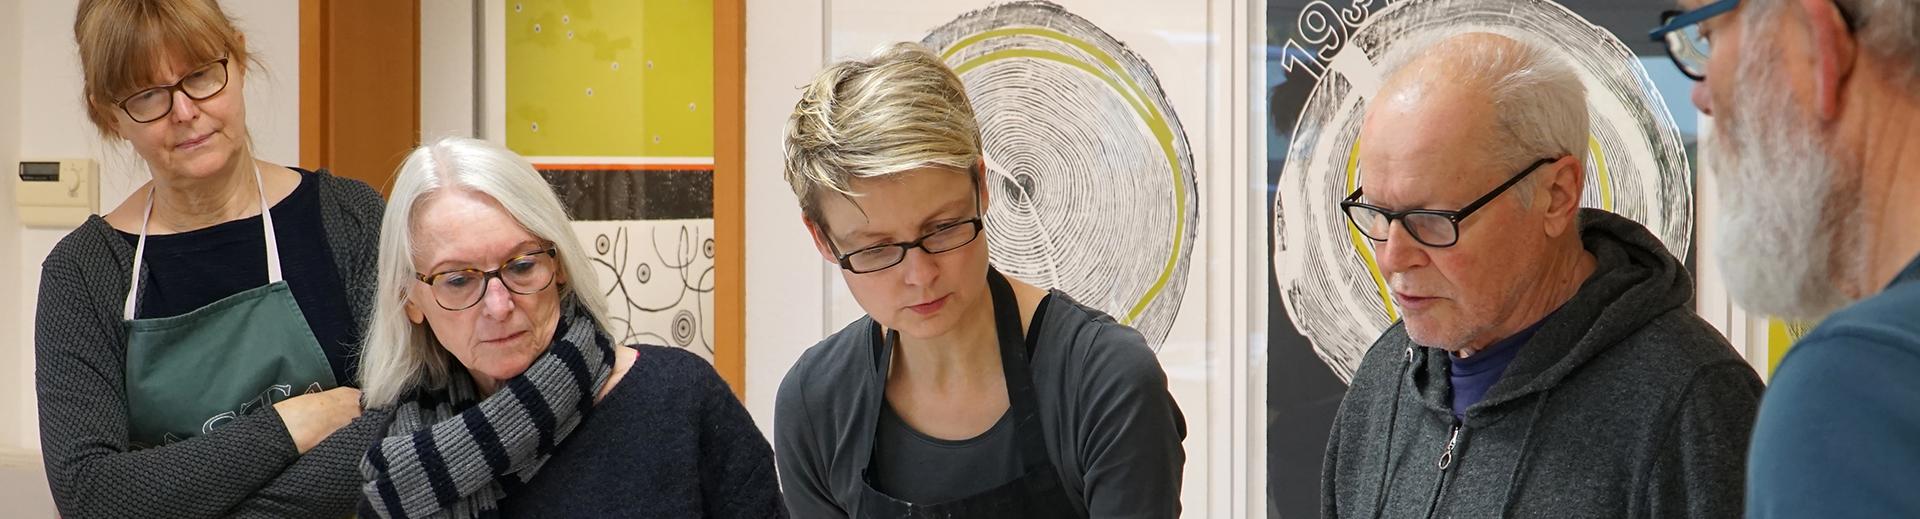 Workshops | Atelier Sauer Ibbenbüren | Bildbesprechung mit den Kursteilnehmern